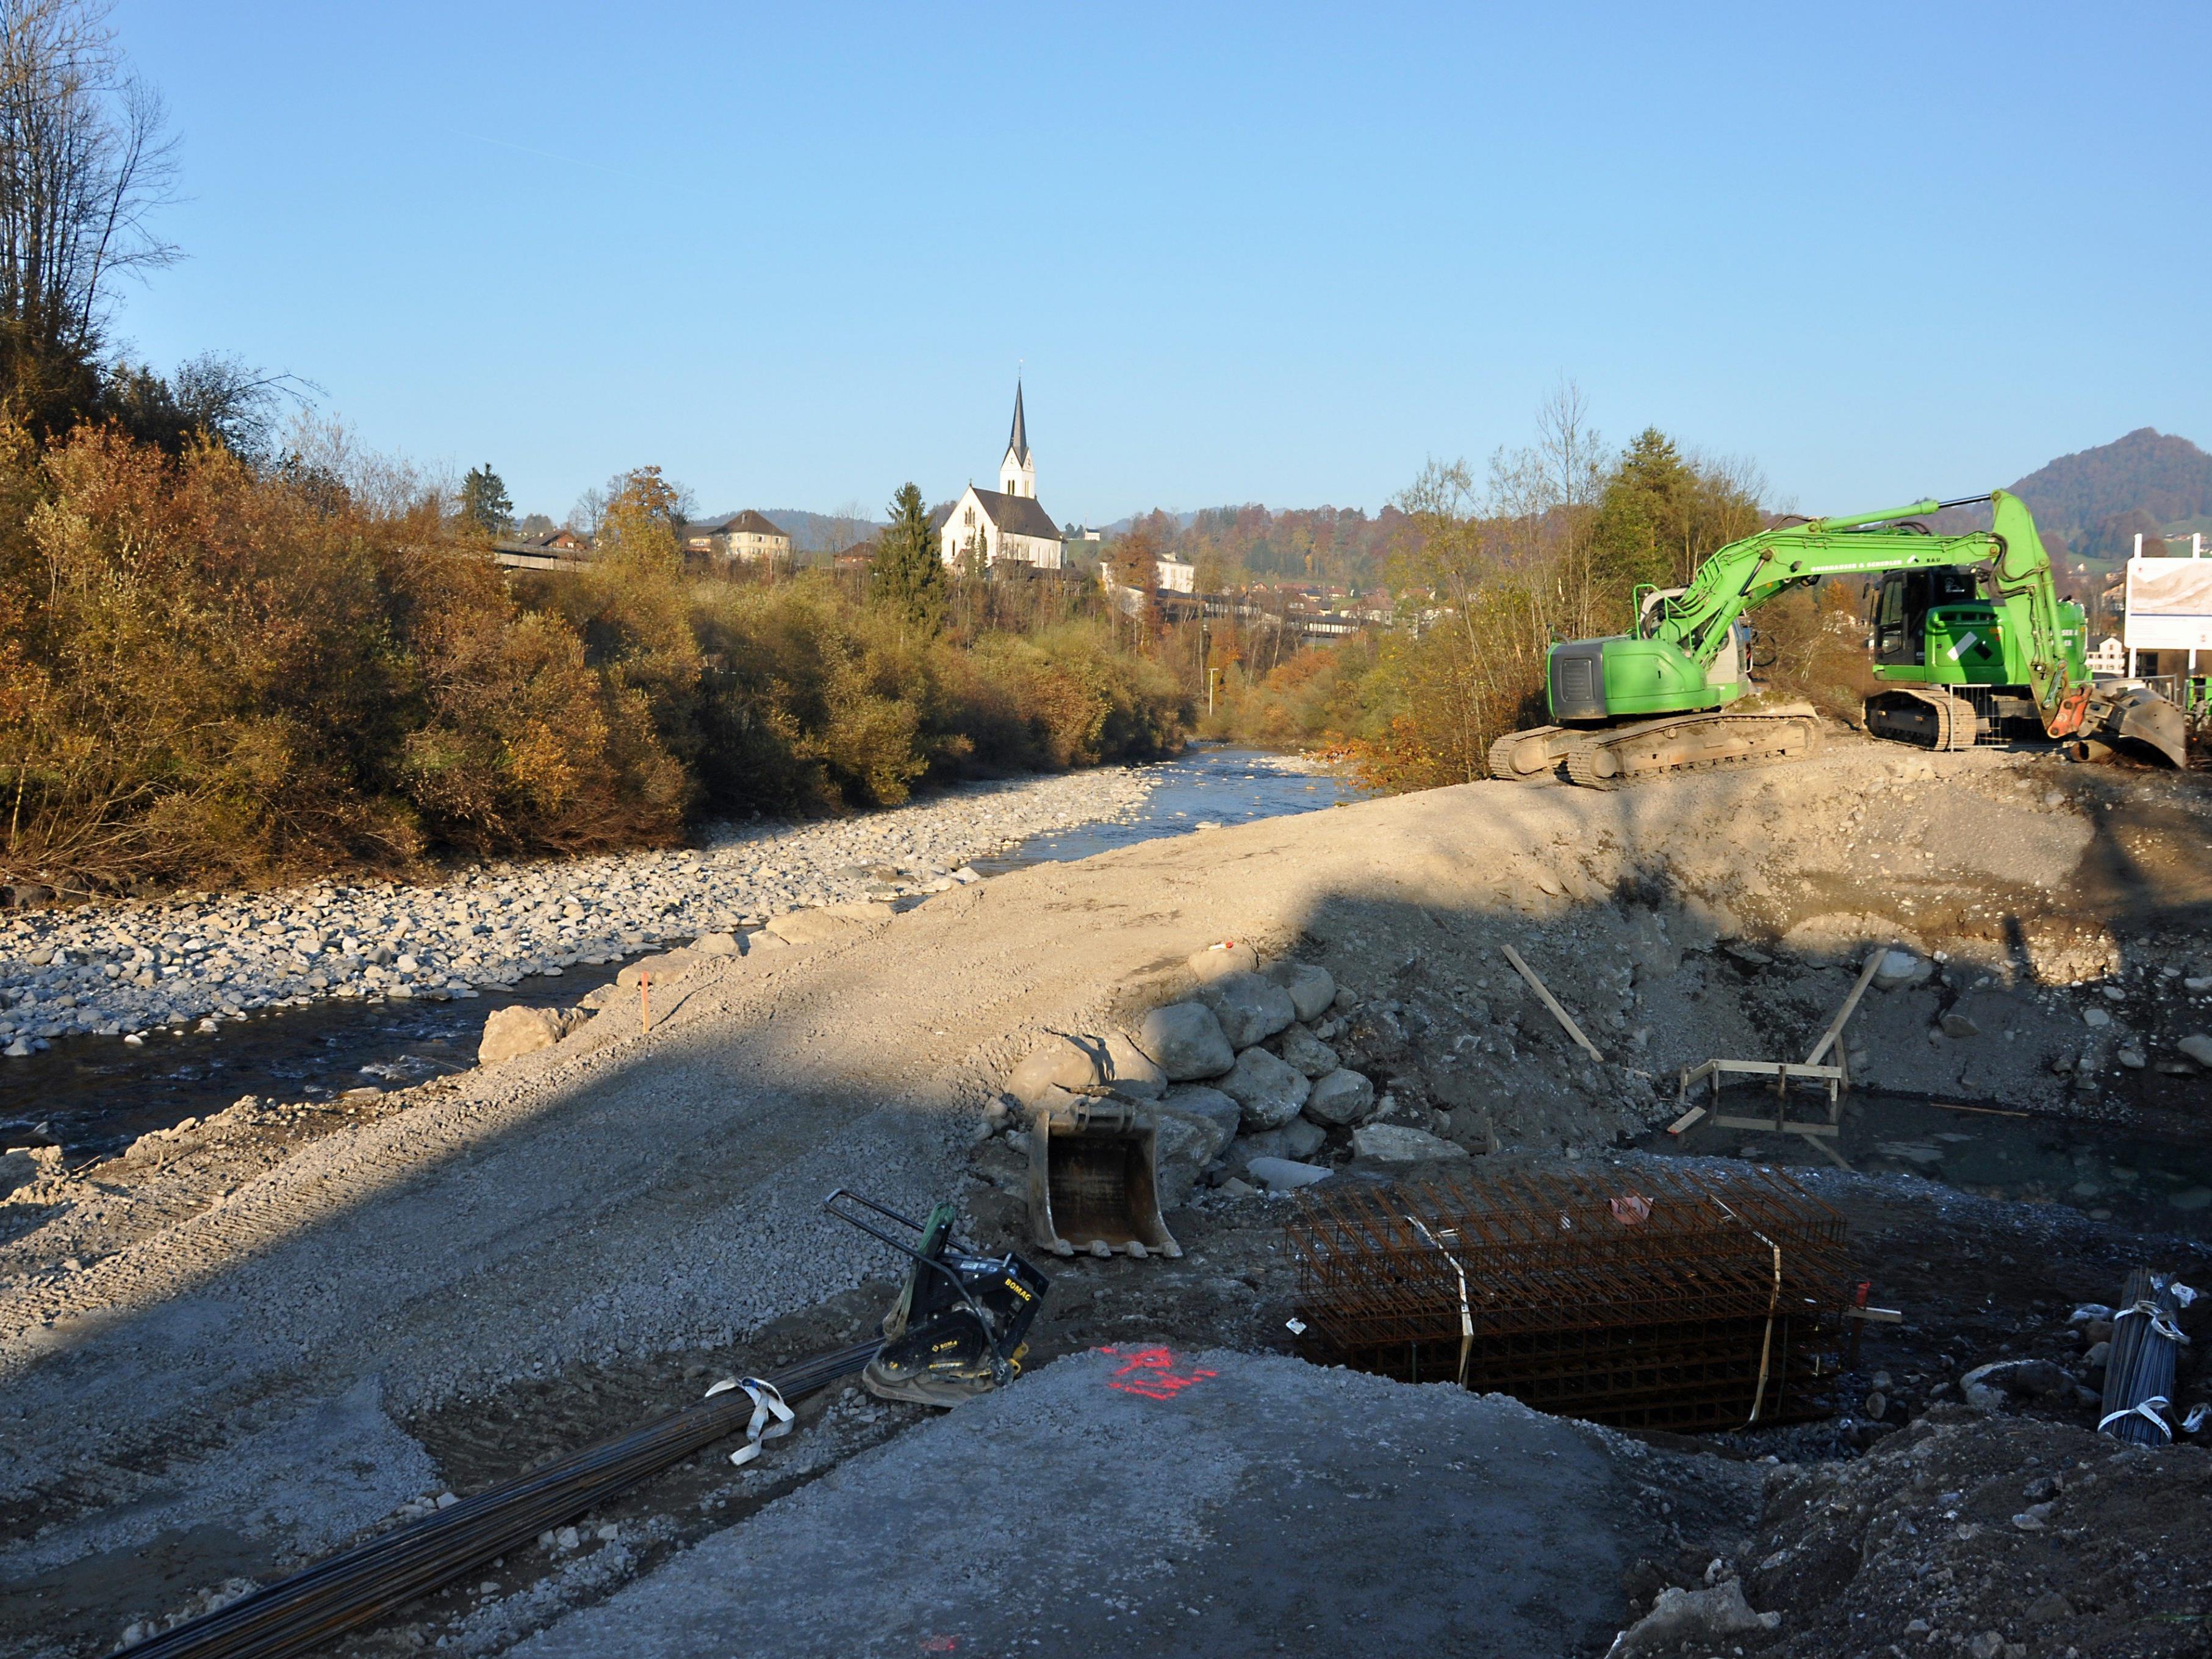 Mit den umfangreichen Bauarbeiten an der Bregenzer Ache wurde bereits gestartet.